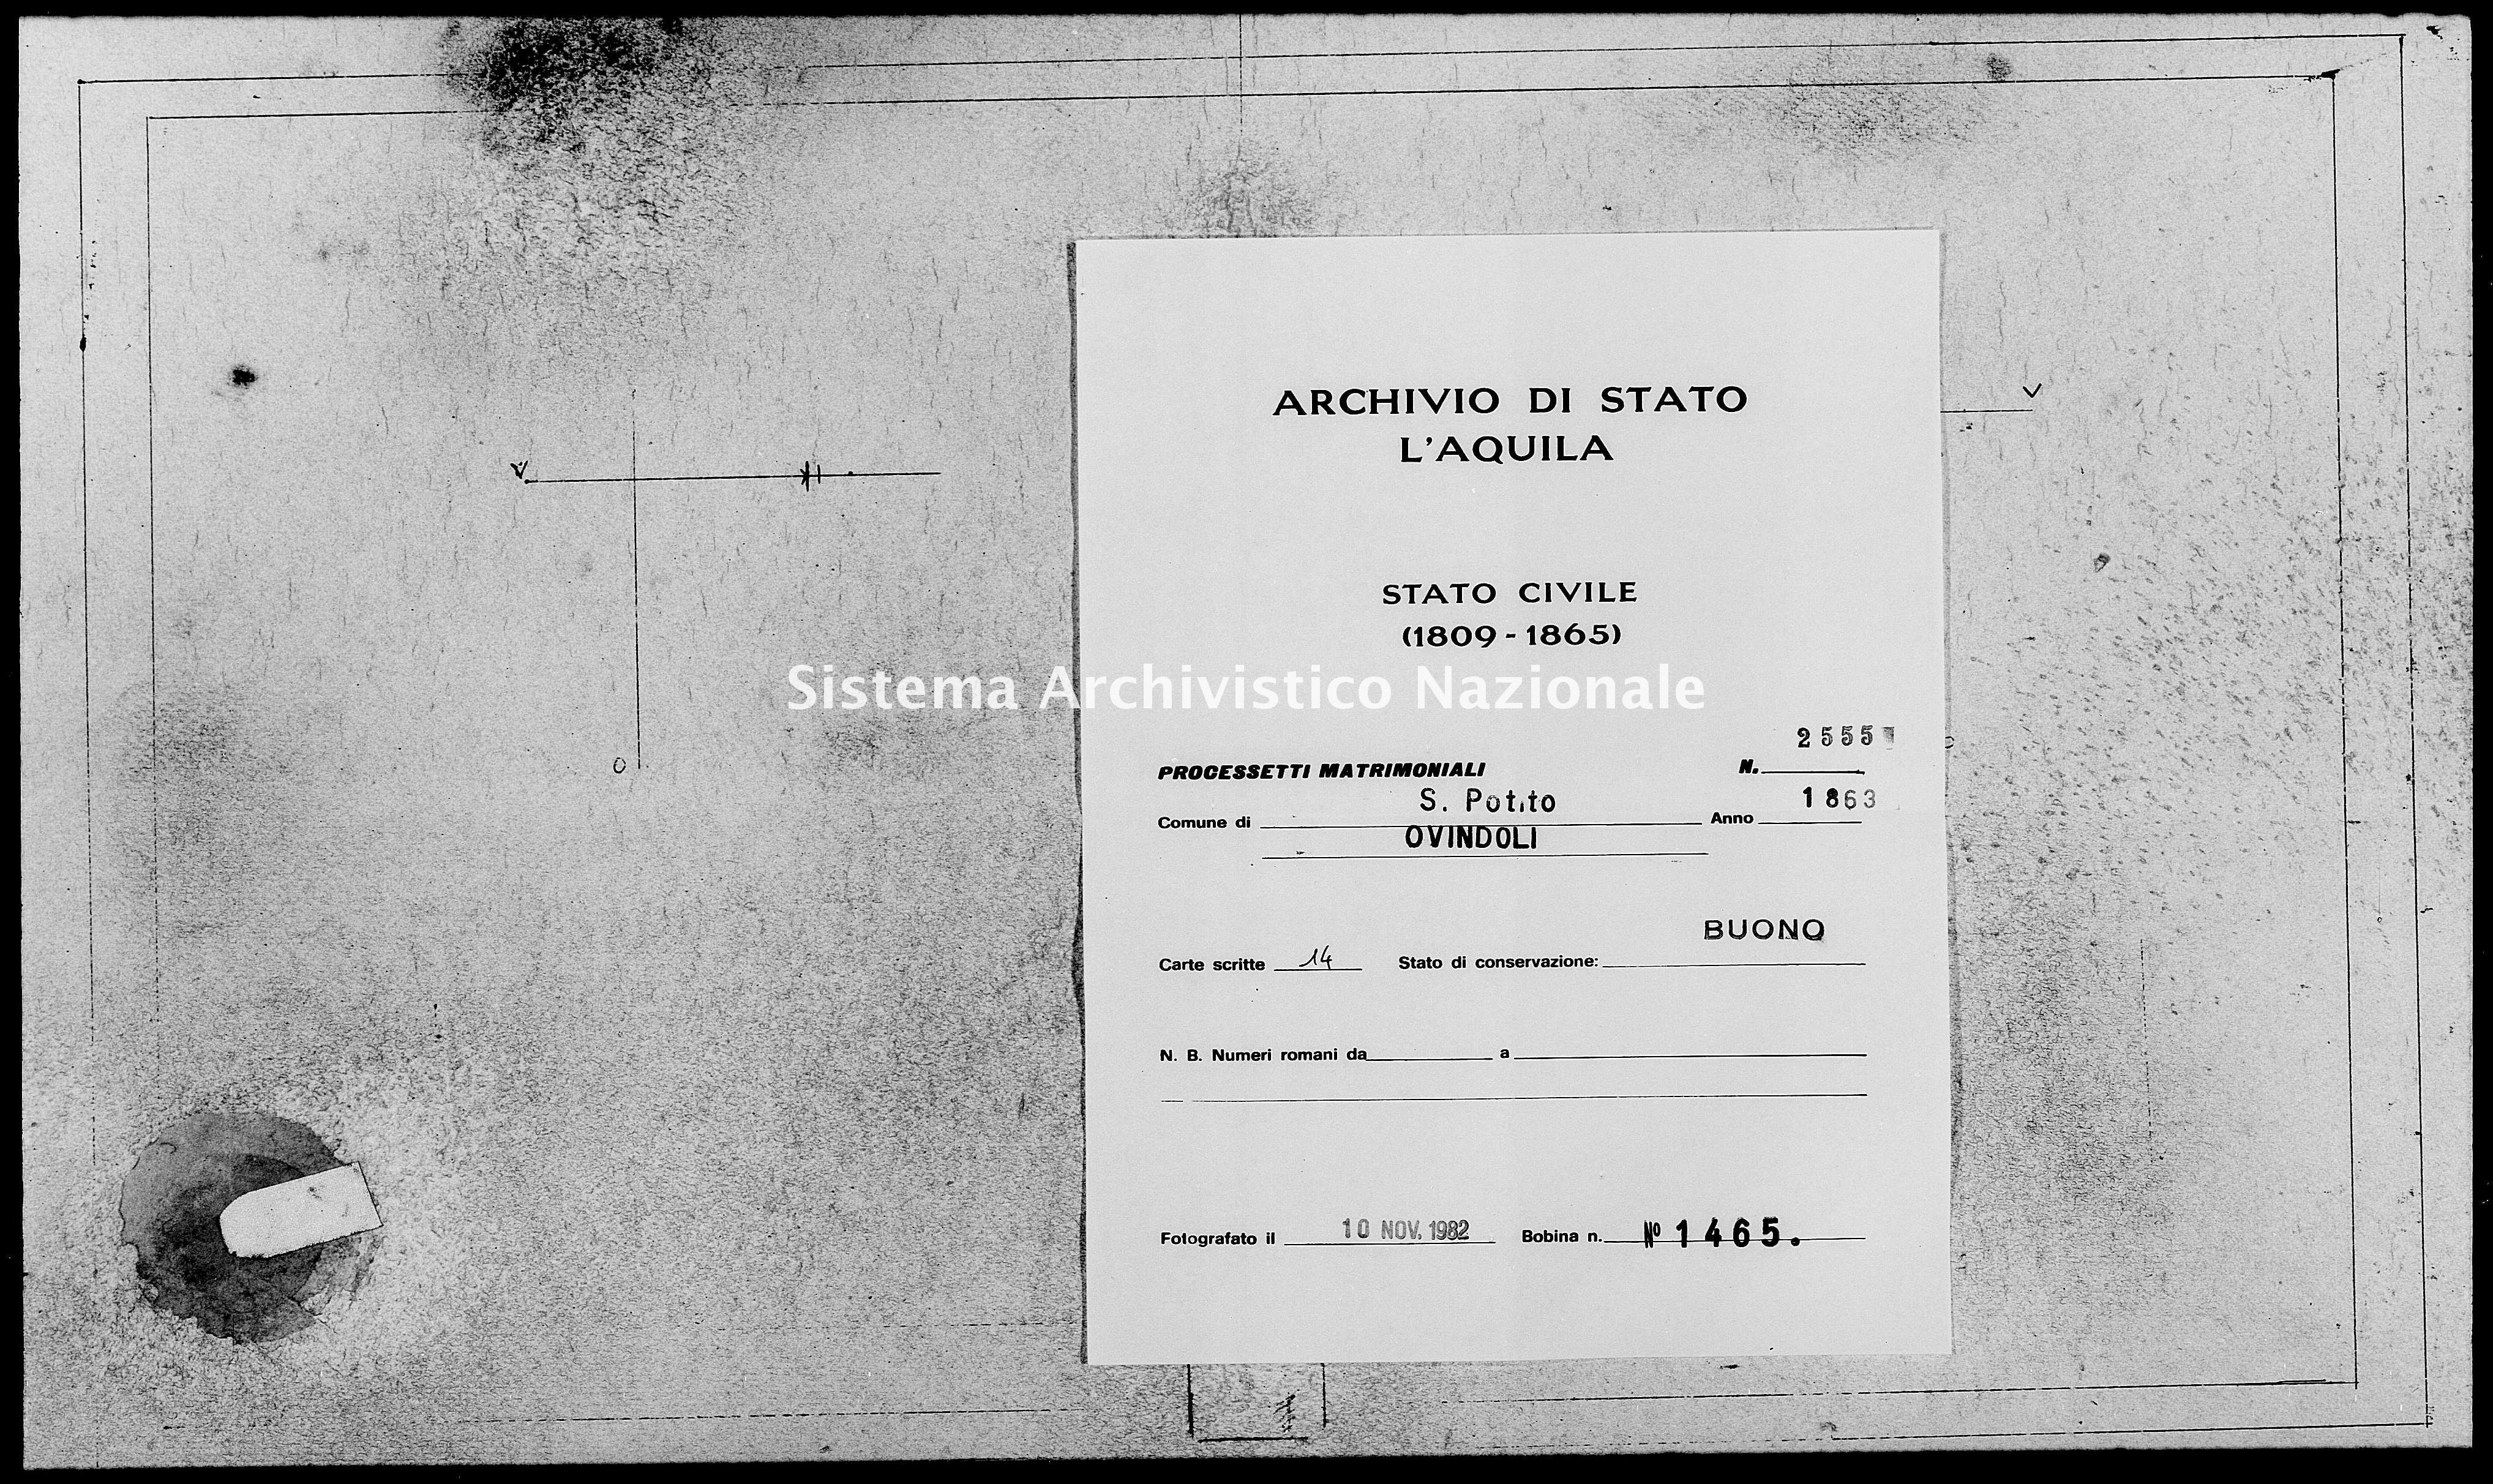 Archivio di stato di L'aquila - Stato civile italiano - San Potito - Matrimoni, processetti - 1863 - 2555 -